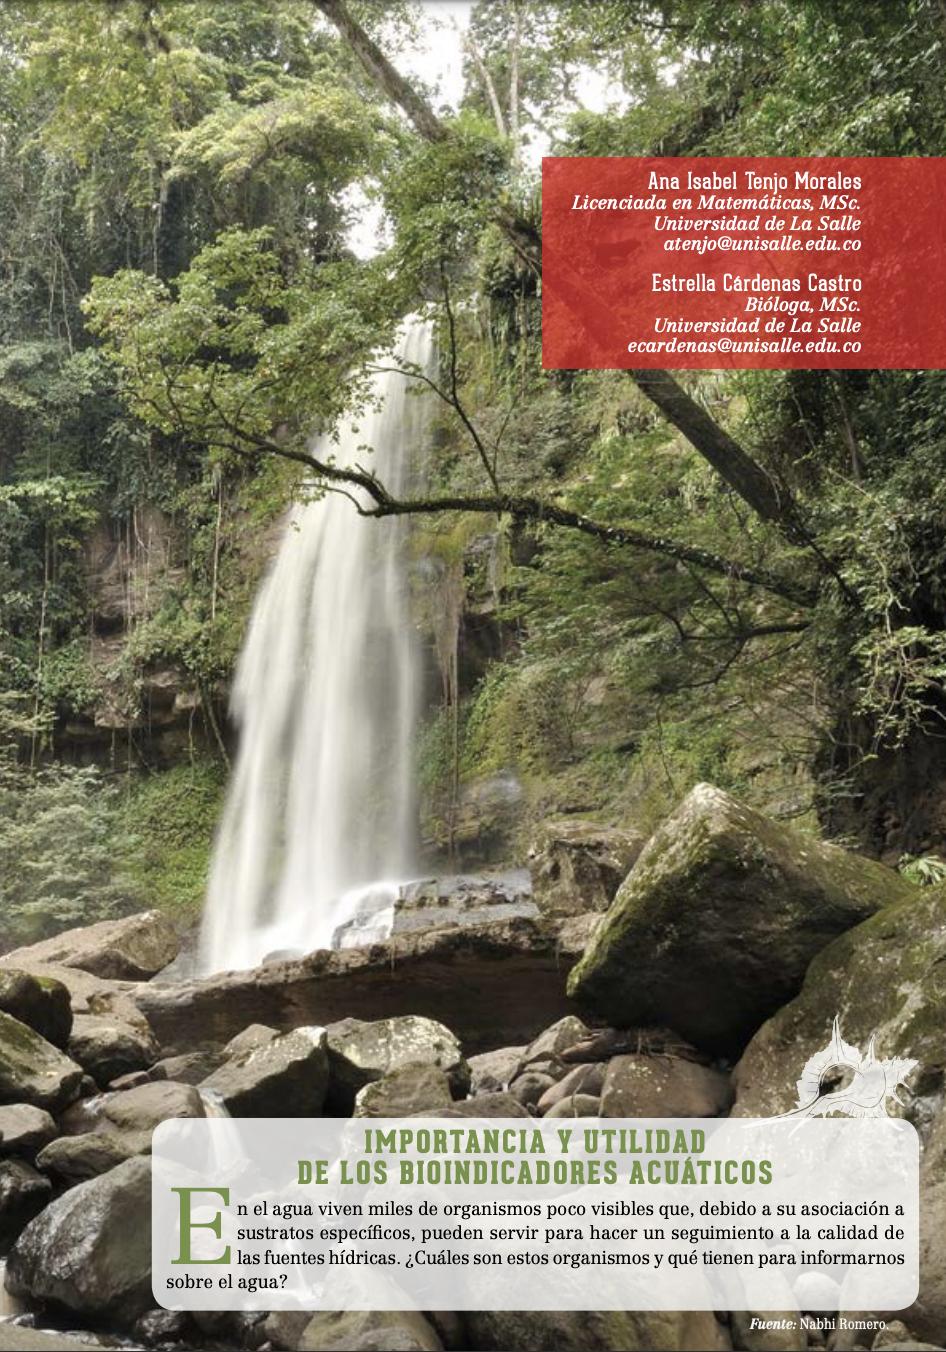 Biodiversidad Colombia. Importancia y utilidad de los bioindicadores acuáticos